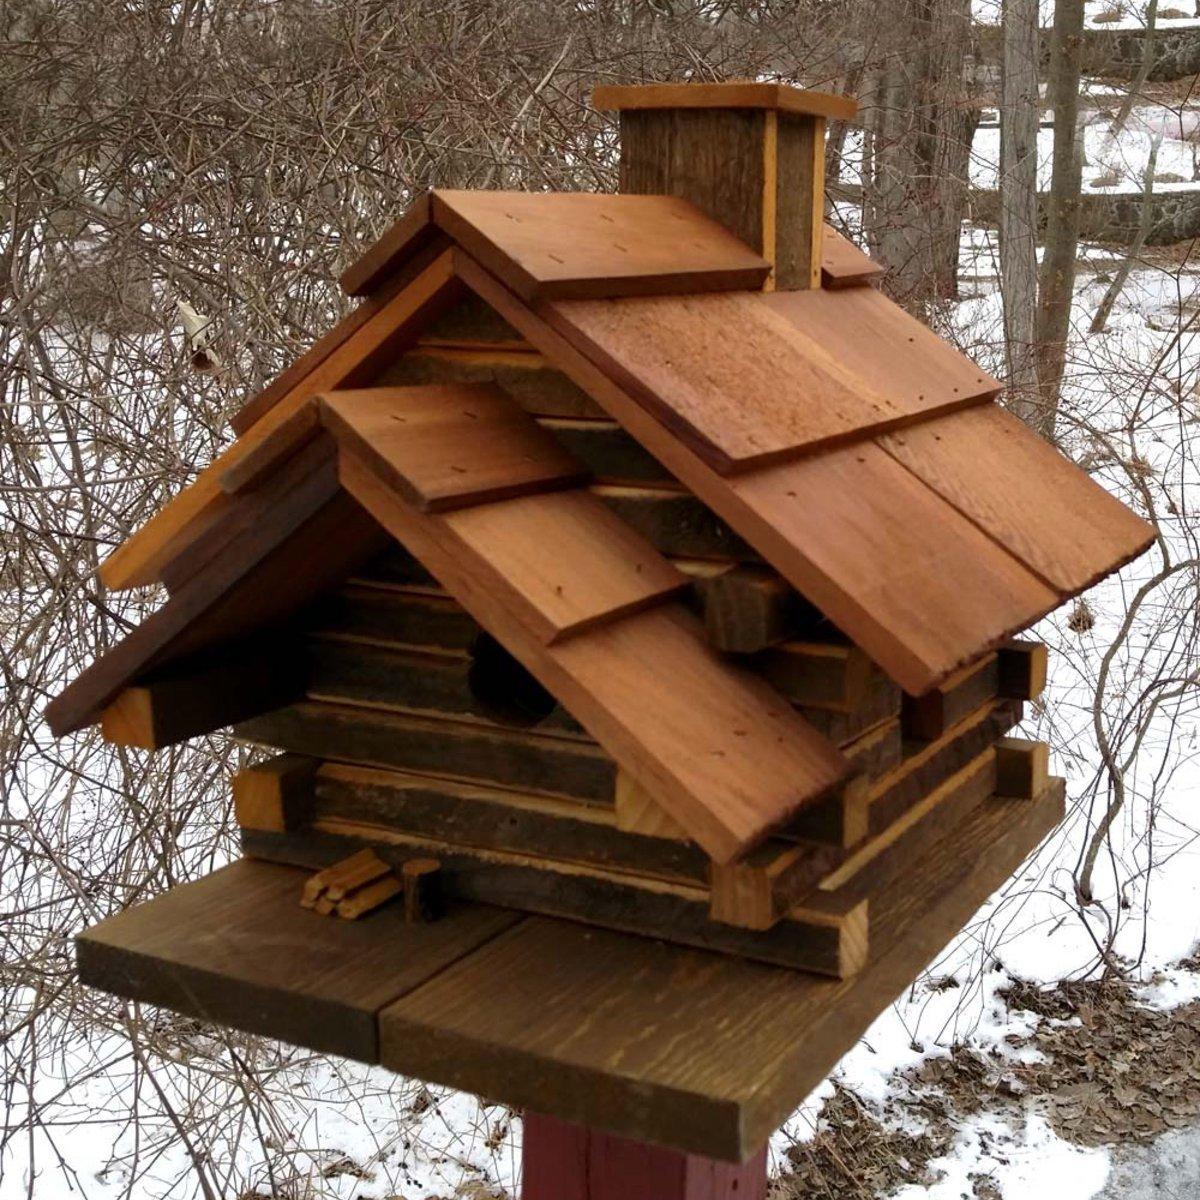 Conestoga Log Cabin Birdhouse